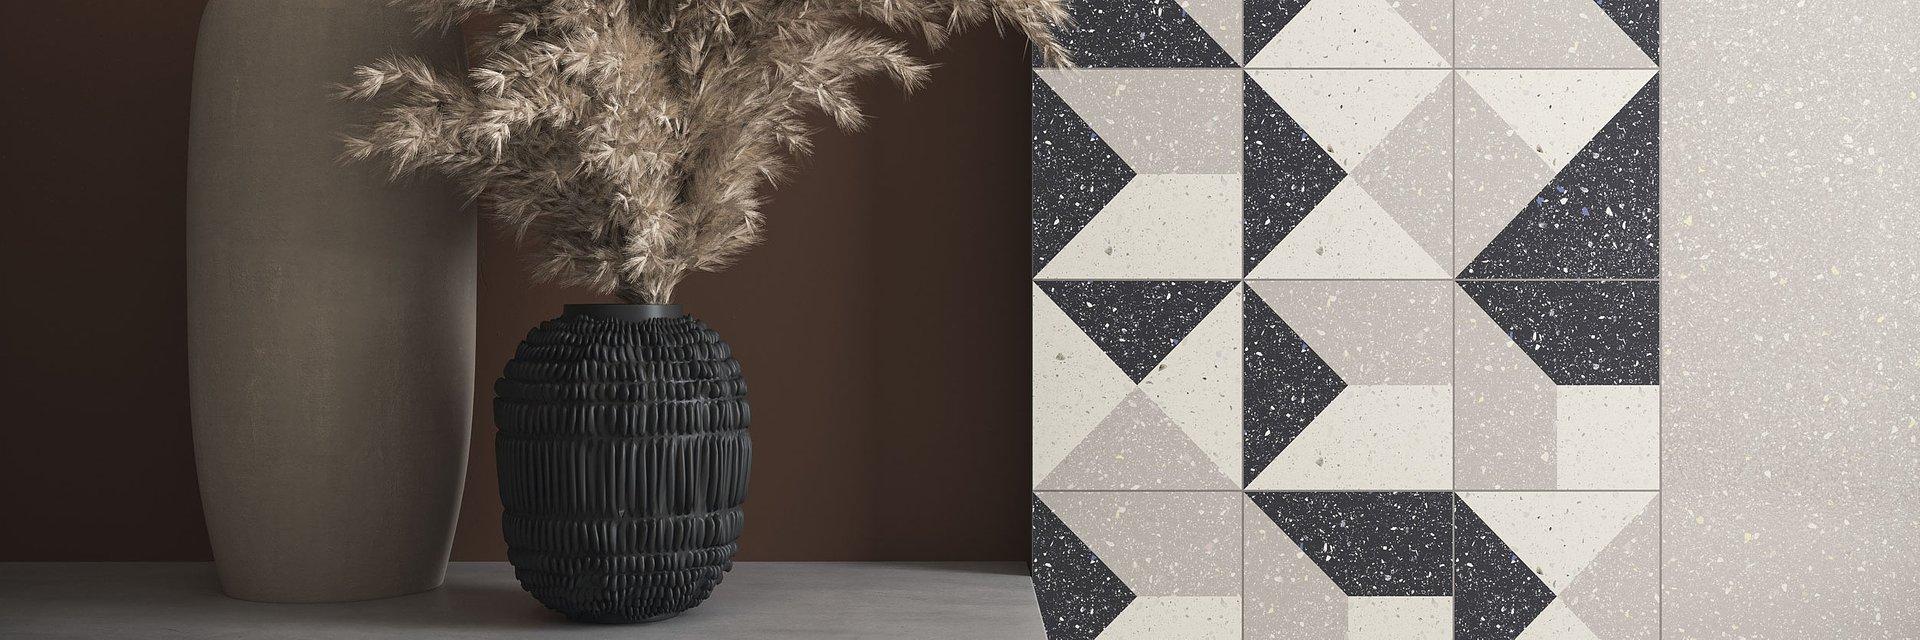 Cztery kolekcje Ceramiki Paradyż z nominacjami w konkursie Perły Ceramiki UE